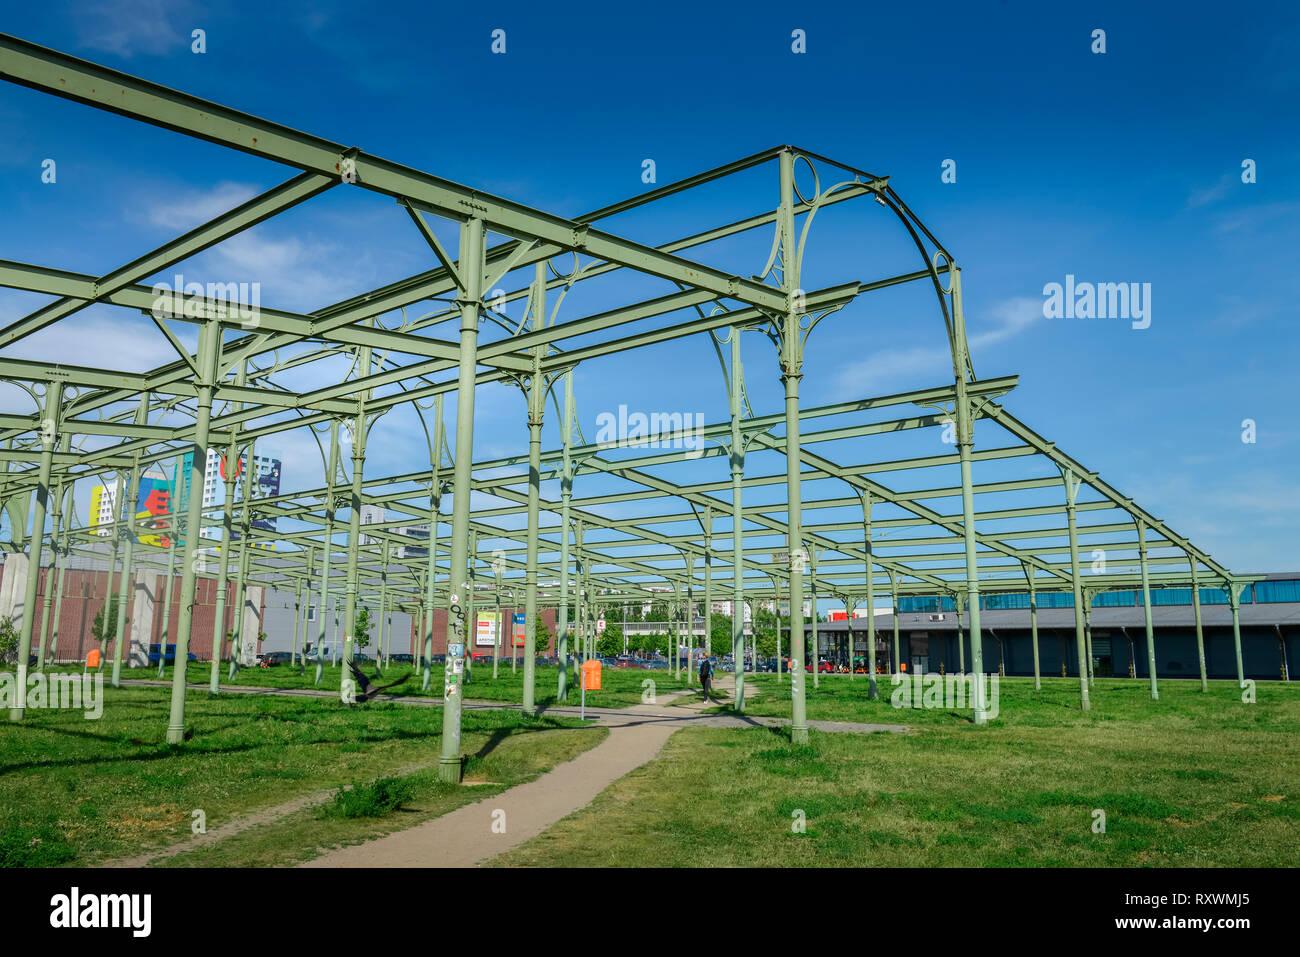 Hammel-Auktionshalle, Hermann-Blankenstein-Park, Alter Schlachthof, Prenzlauer Berg, Berlin, Deutschland - Stock Image